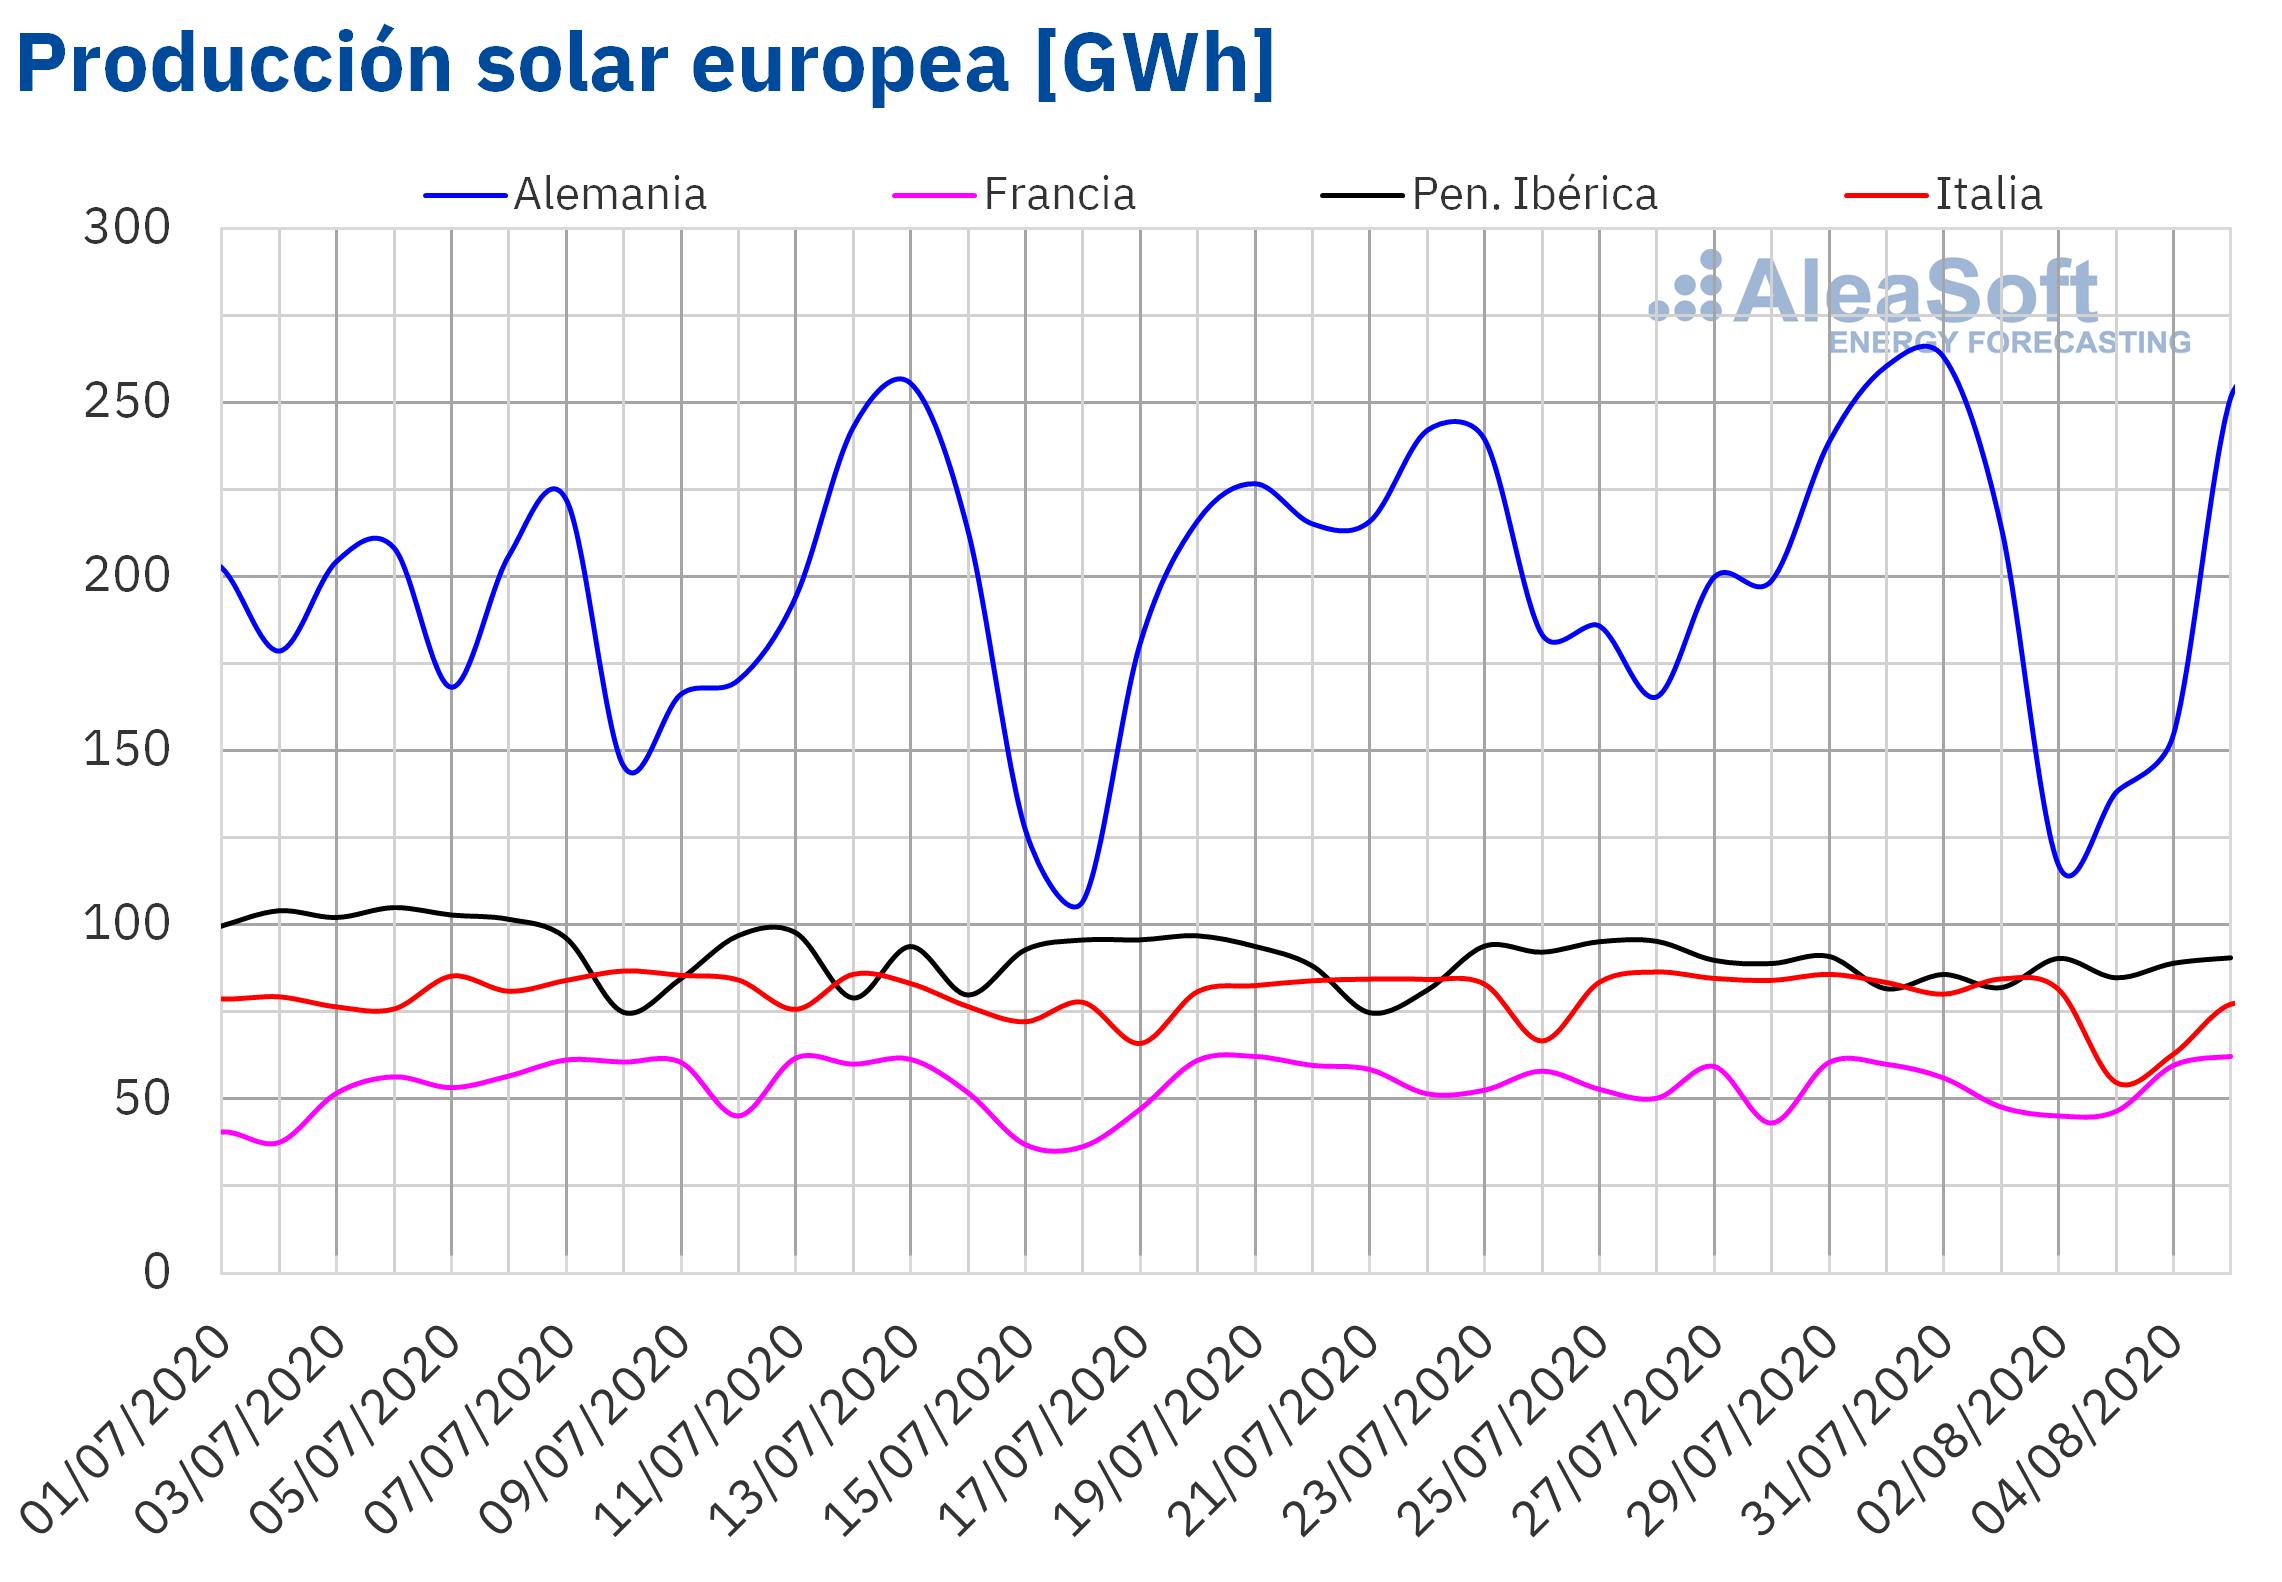 AleaSoft - Producción solar fotovoltaica y termosolar de Europa